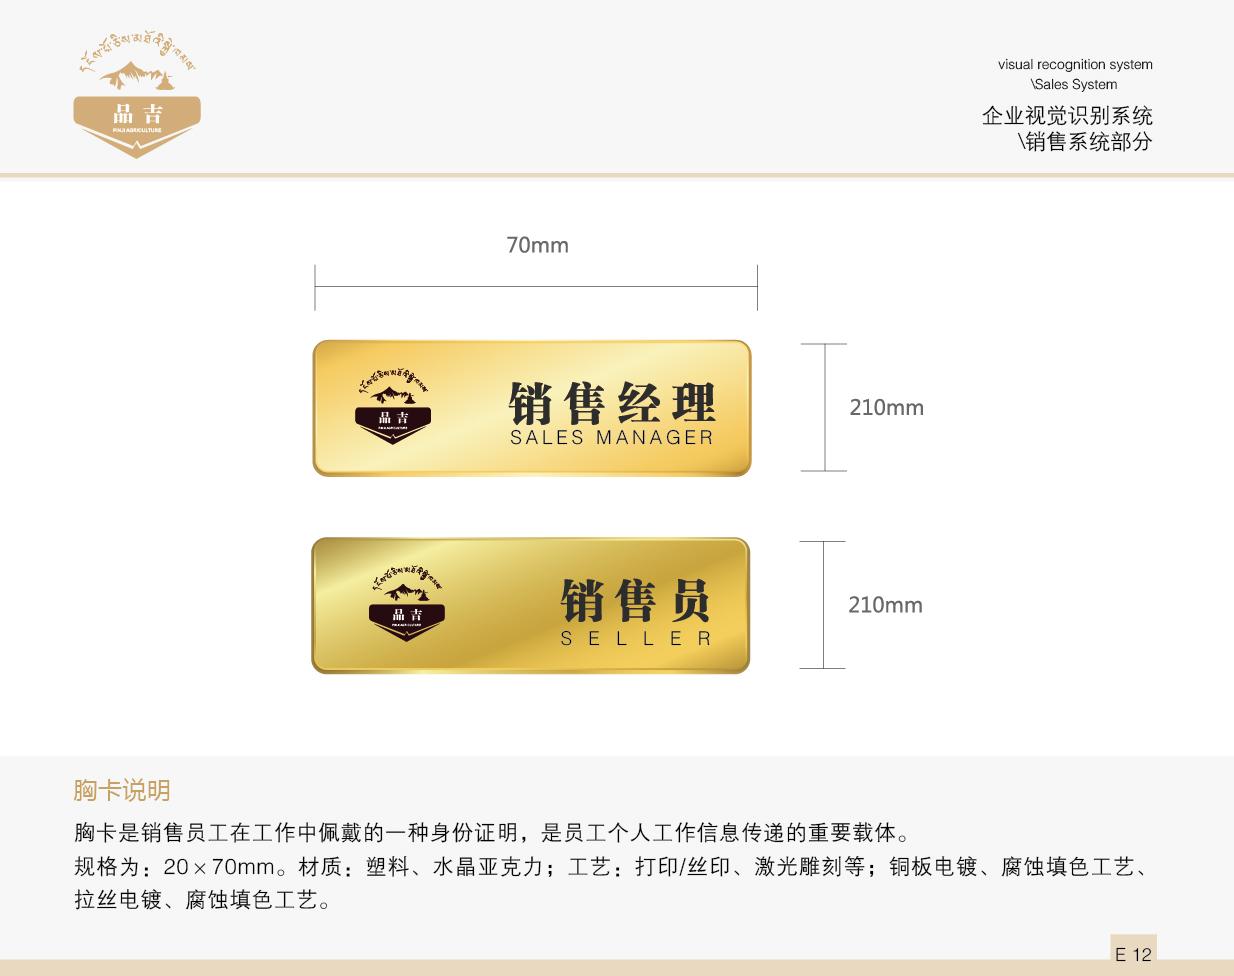 品吉农业VI 销售系统部分  客户资料  第13张